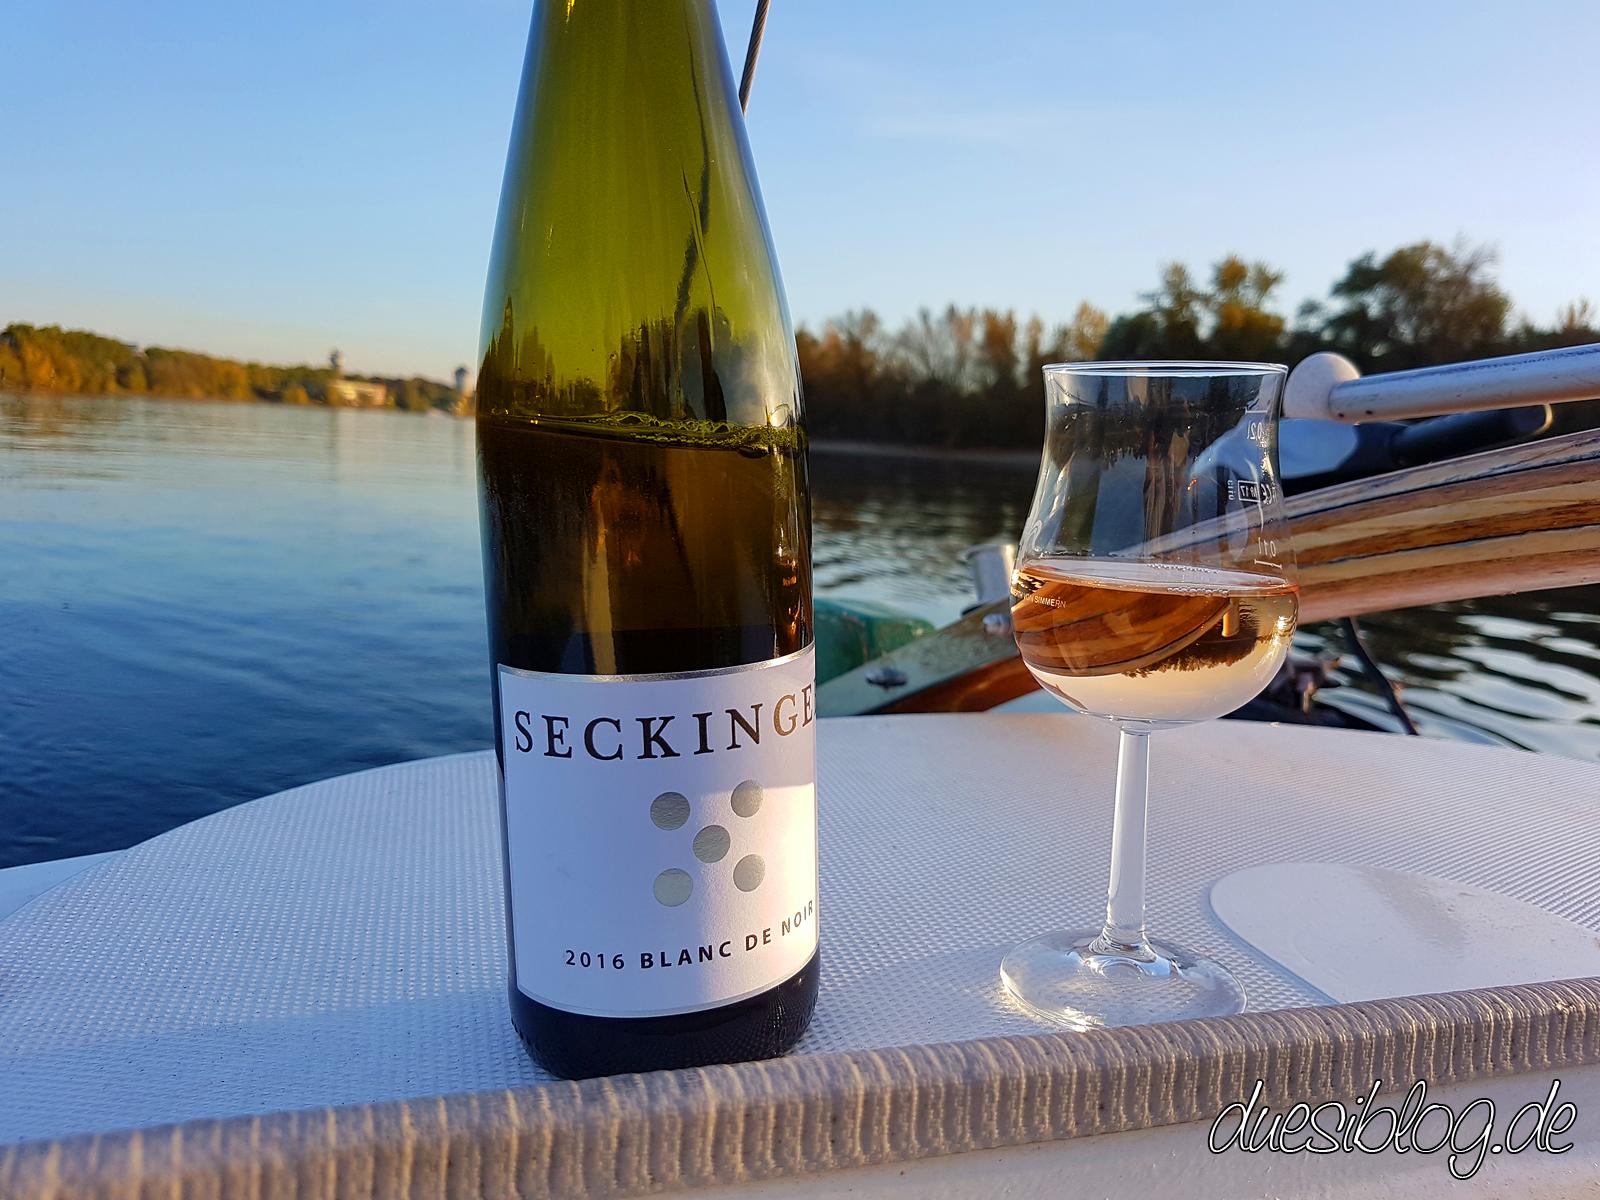 Generation Pfalz WtasO Wein trinken an schönen Orten mit Seckinger auf Hoher See duesiblog 1